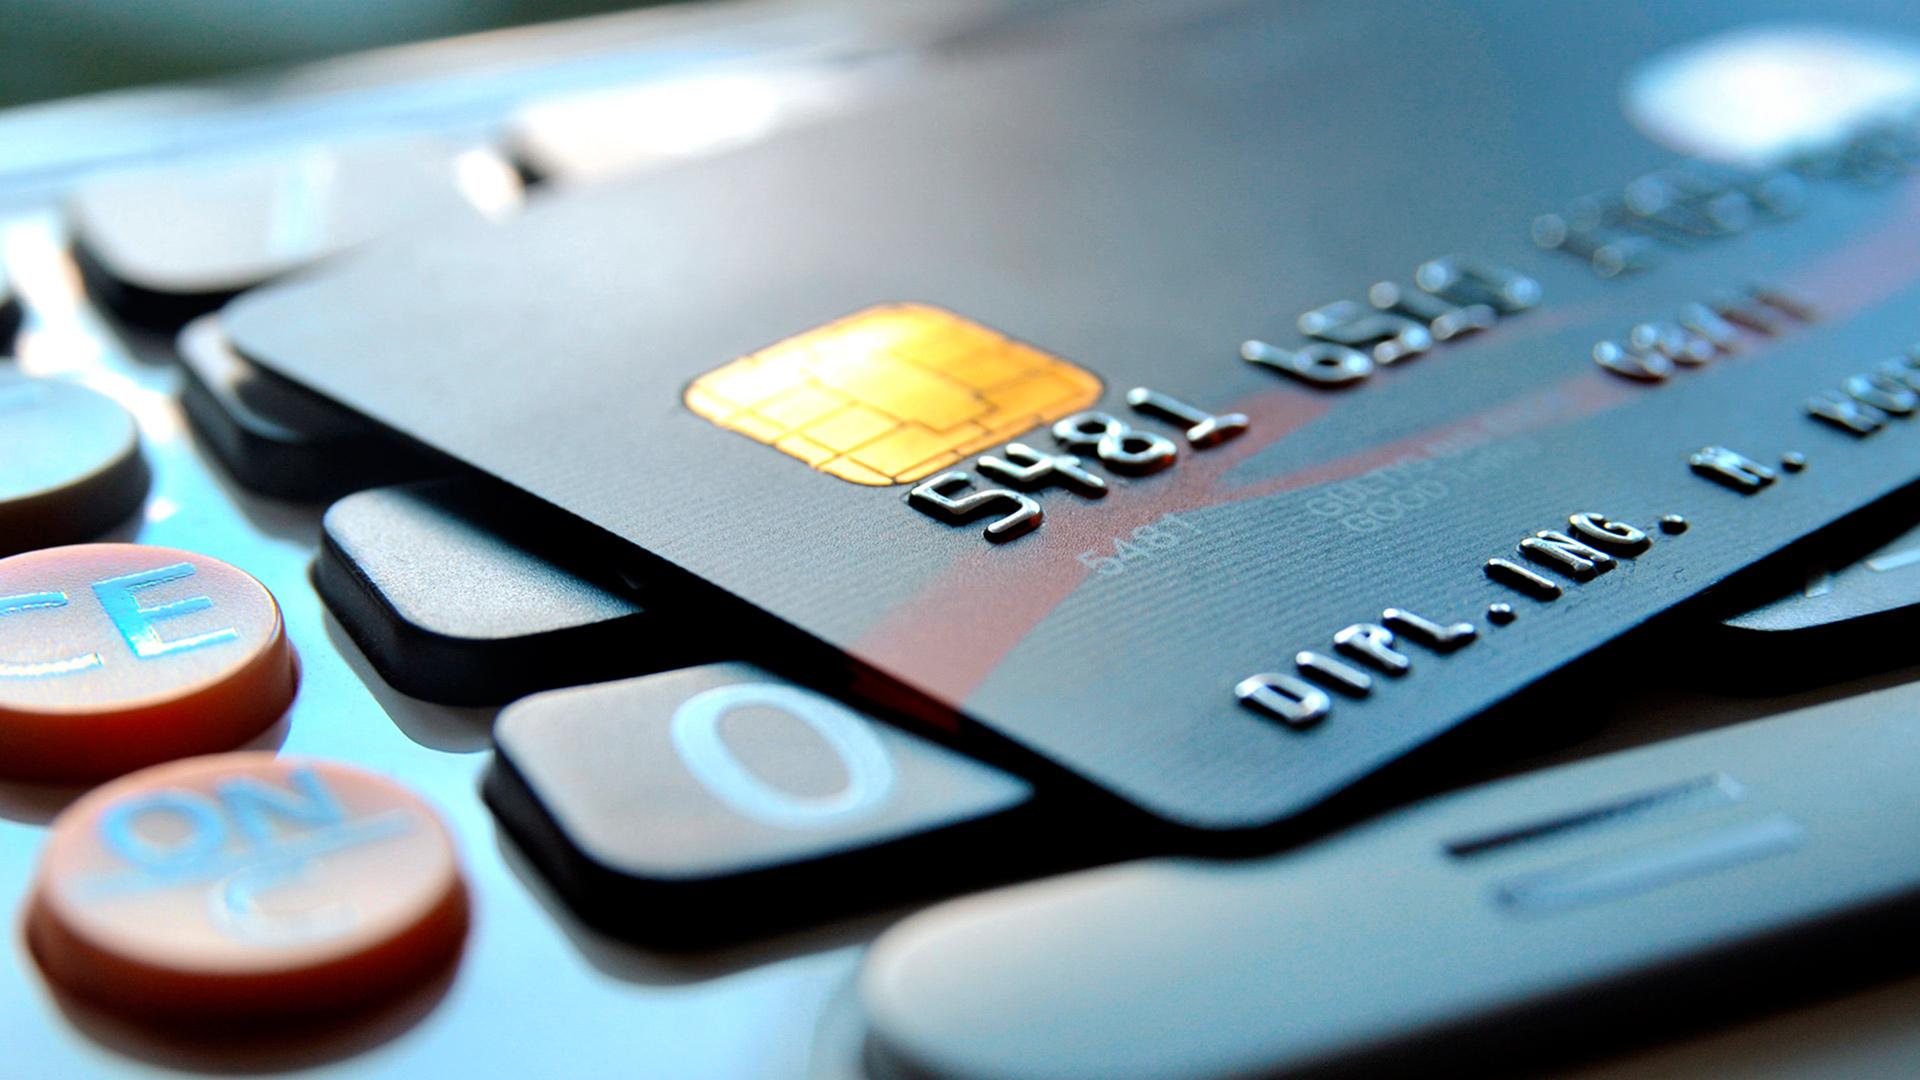 Sudeban fija límites máximos de tarjetas de crédito en 204.000 bolívares soberanos